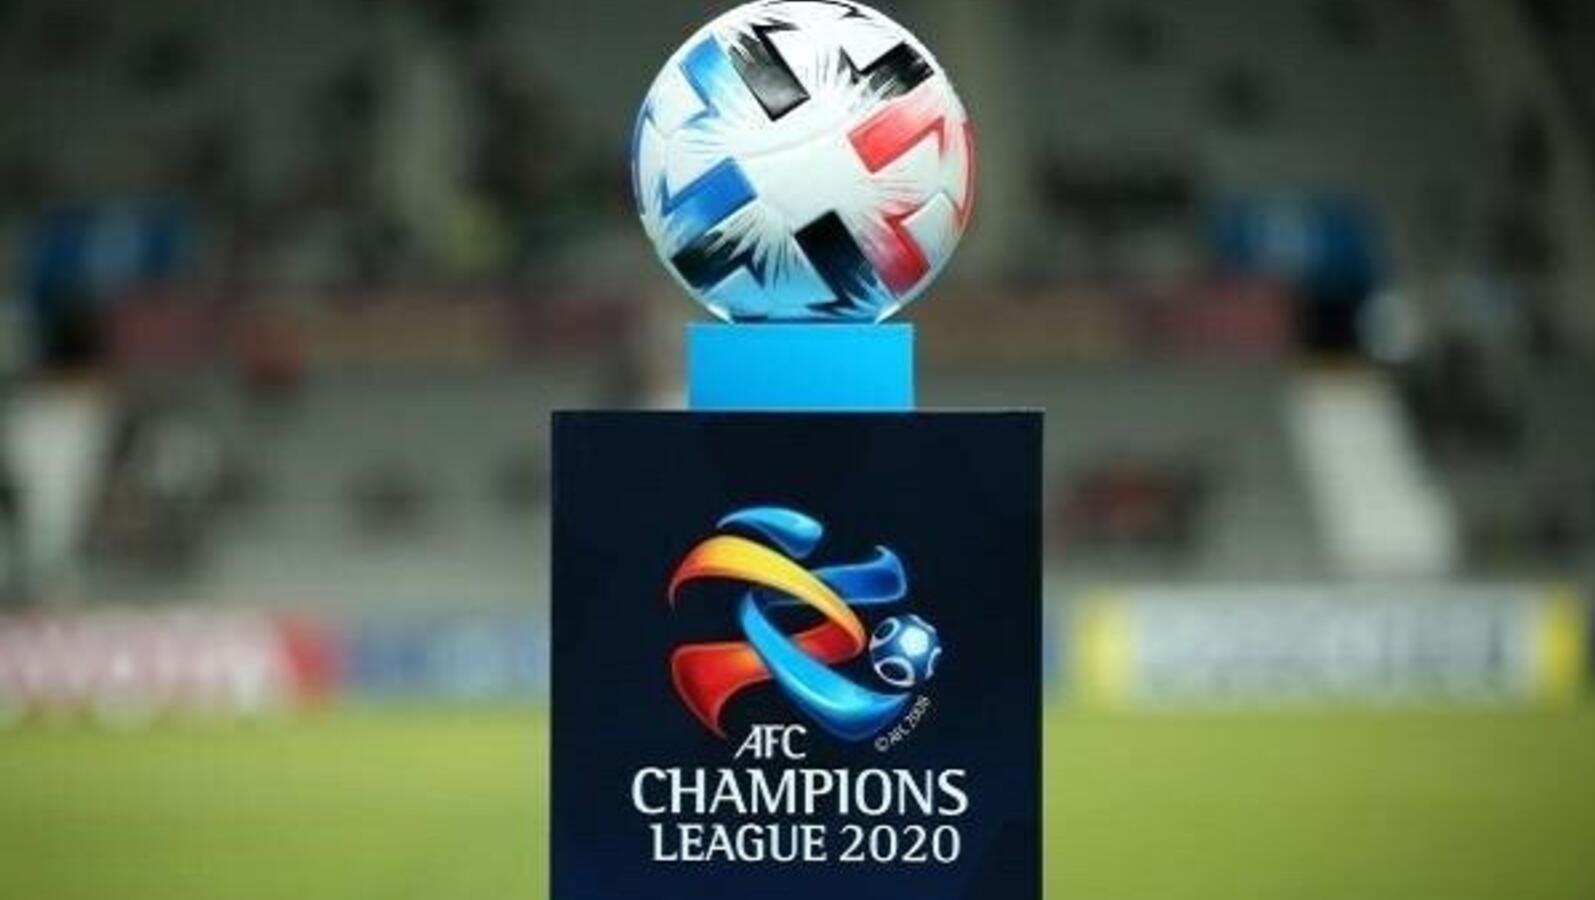 اتحاد الكرة الآسيوي يمدّد تأجيل المنافسات